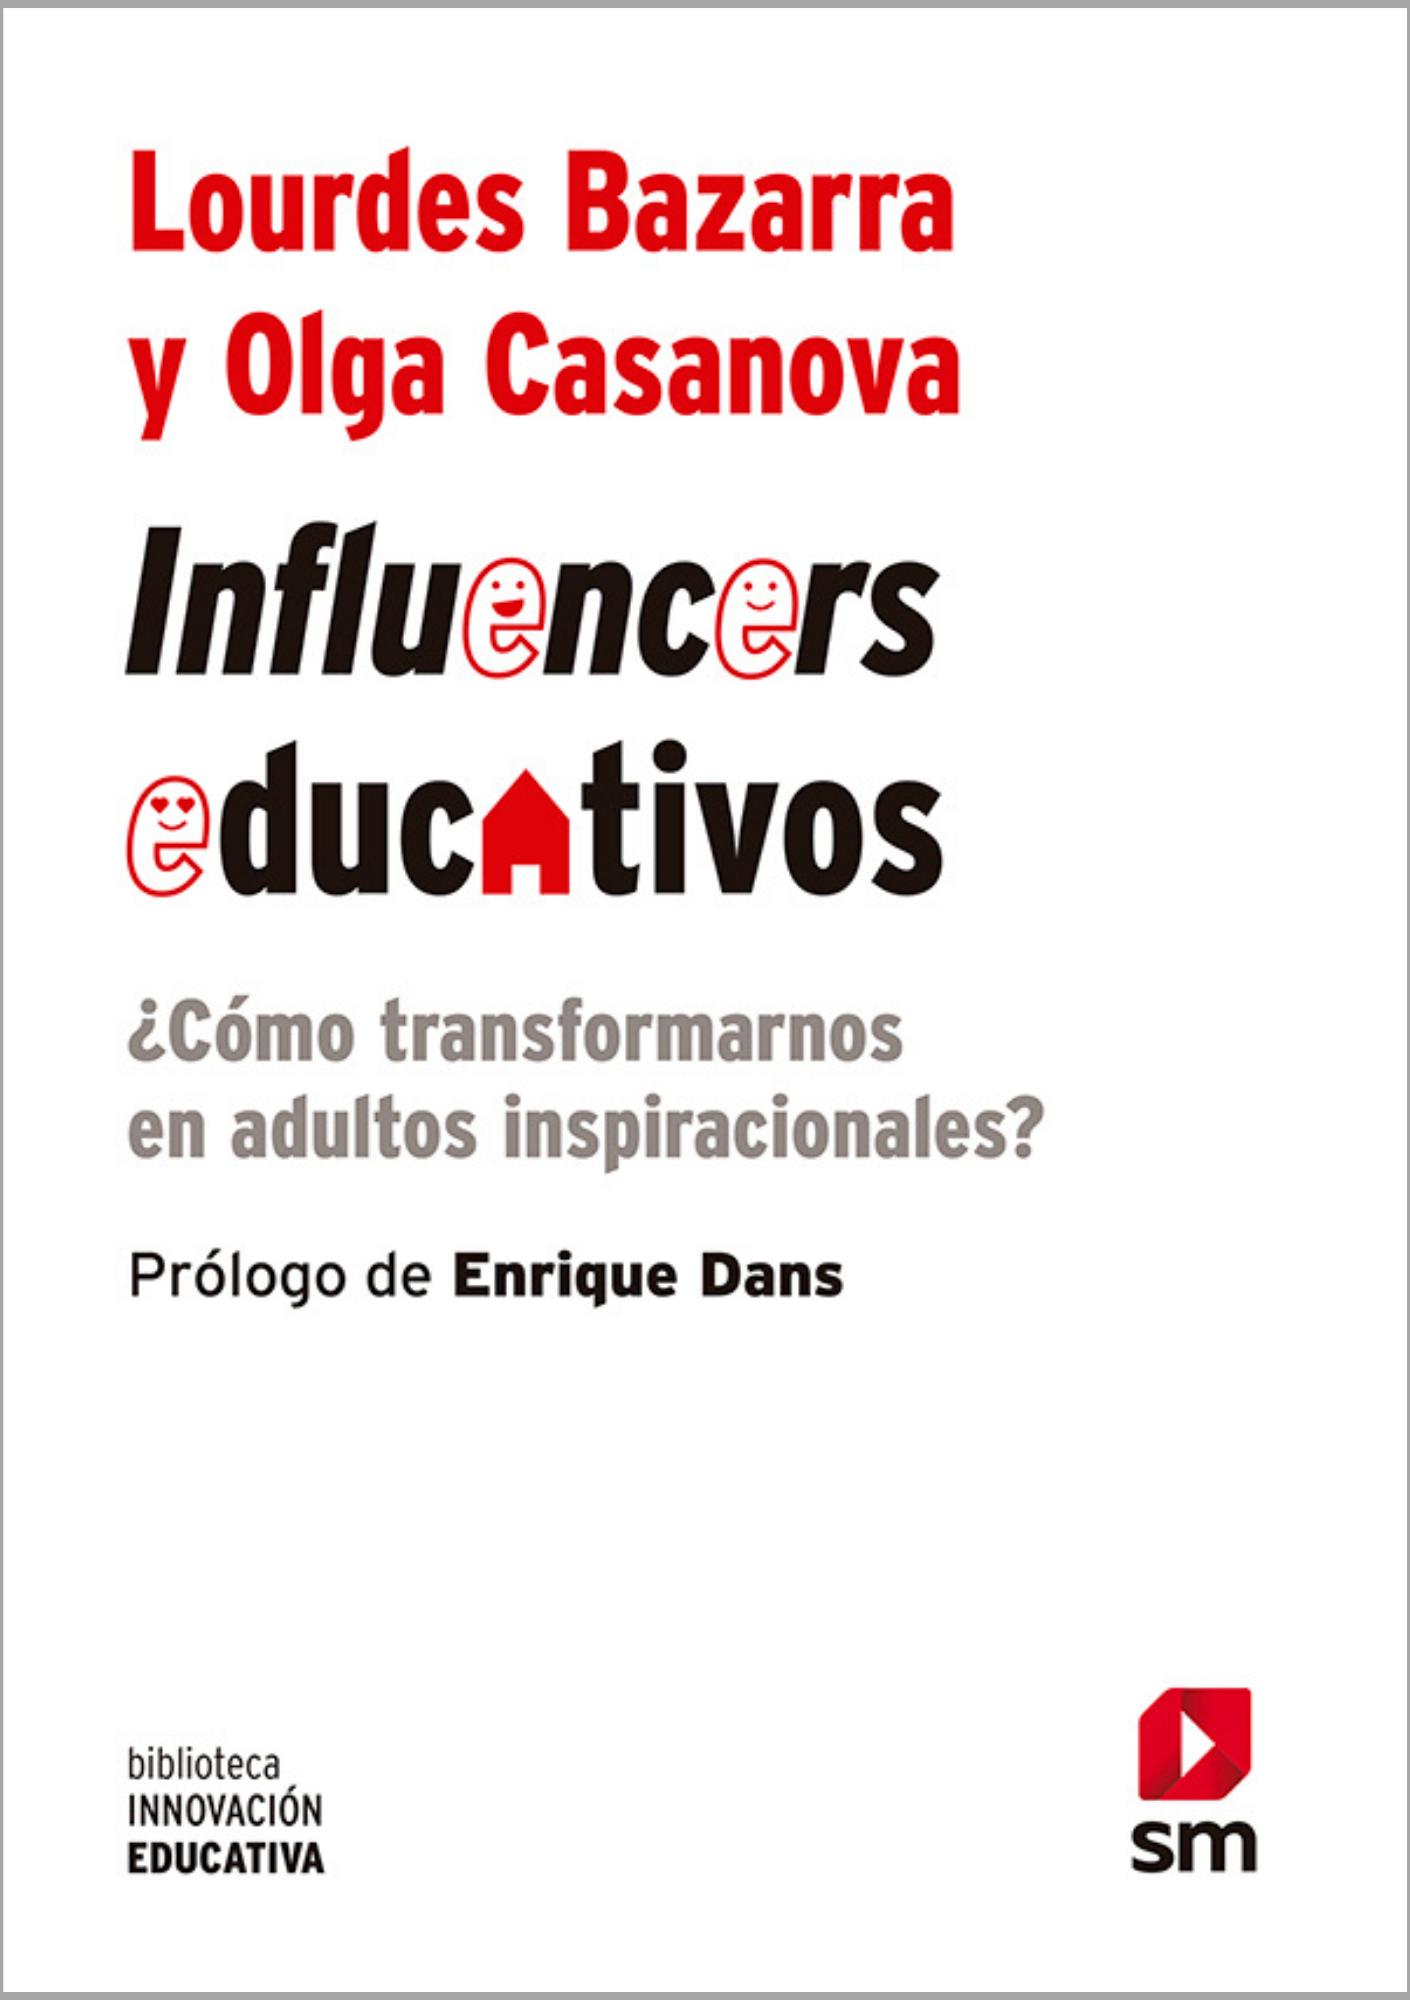 Coberta d'Influencers educativos, un llibre de Lourdes Bazarra i Olga Casanova